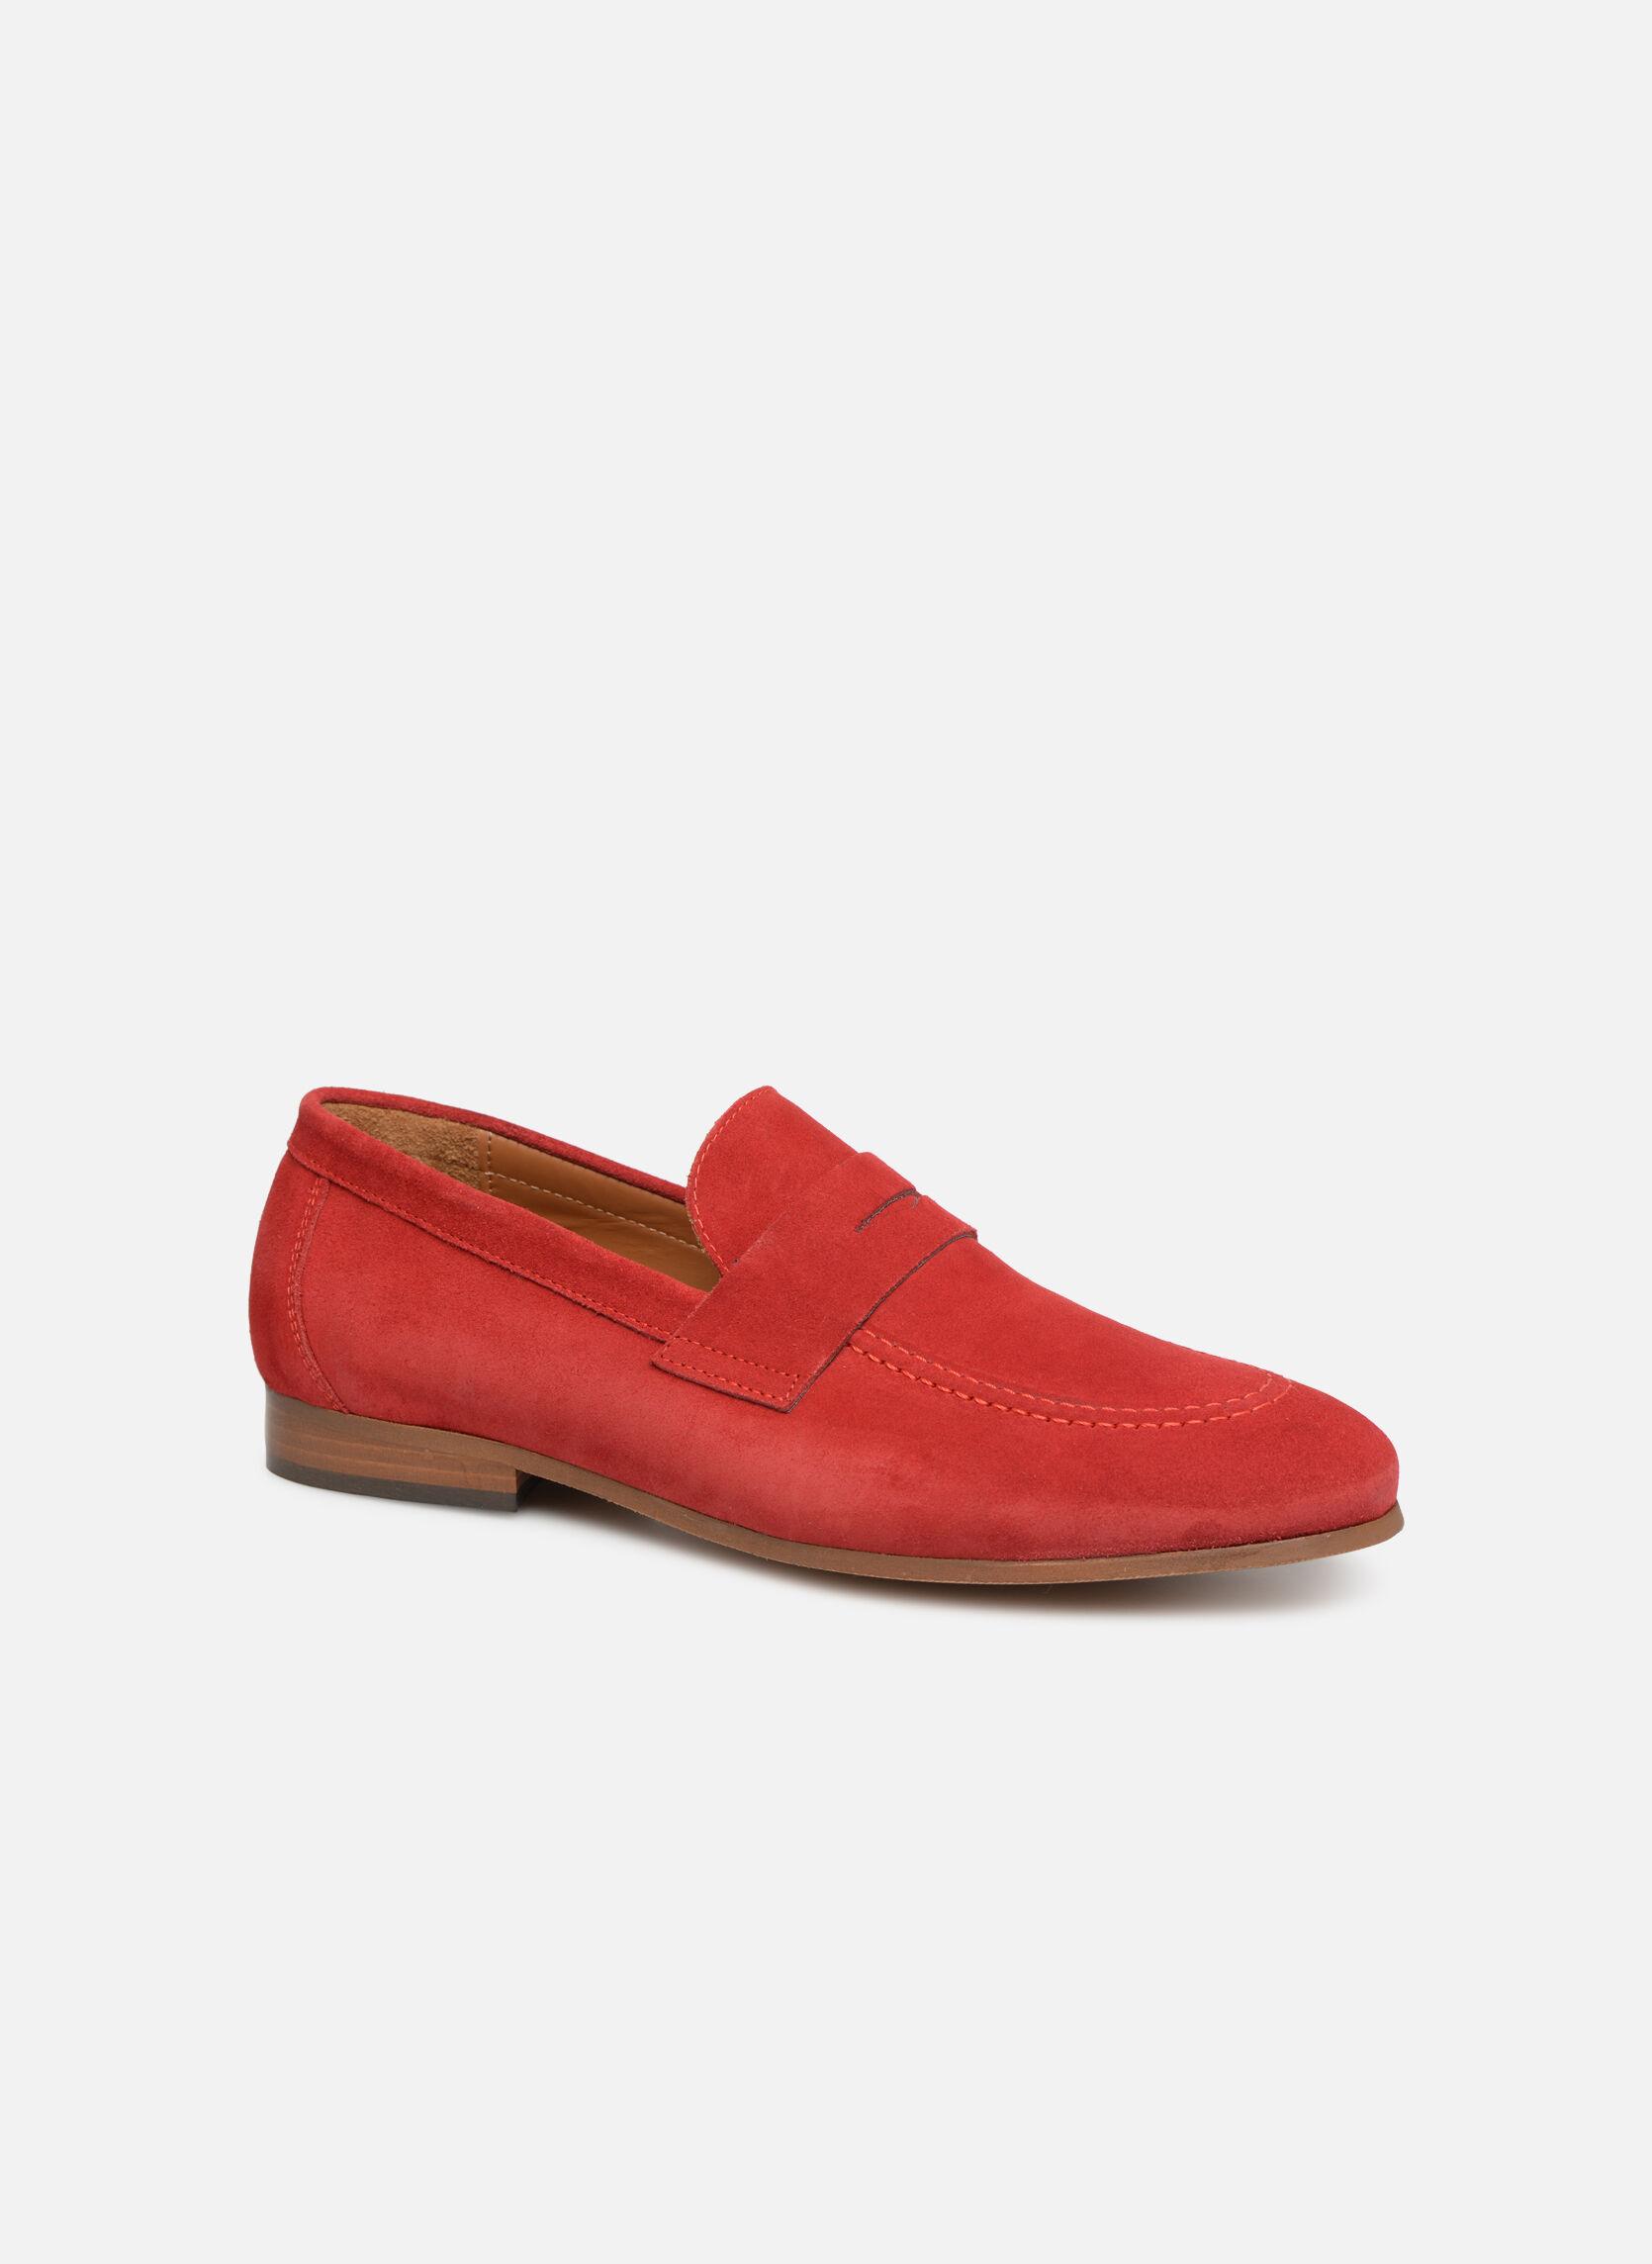 Toutes les offres en cours sur Chaussures Homme du type Mocassins de ... 5b0aaee7d028